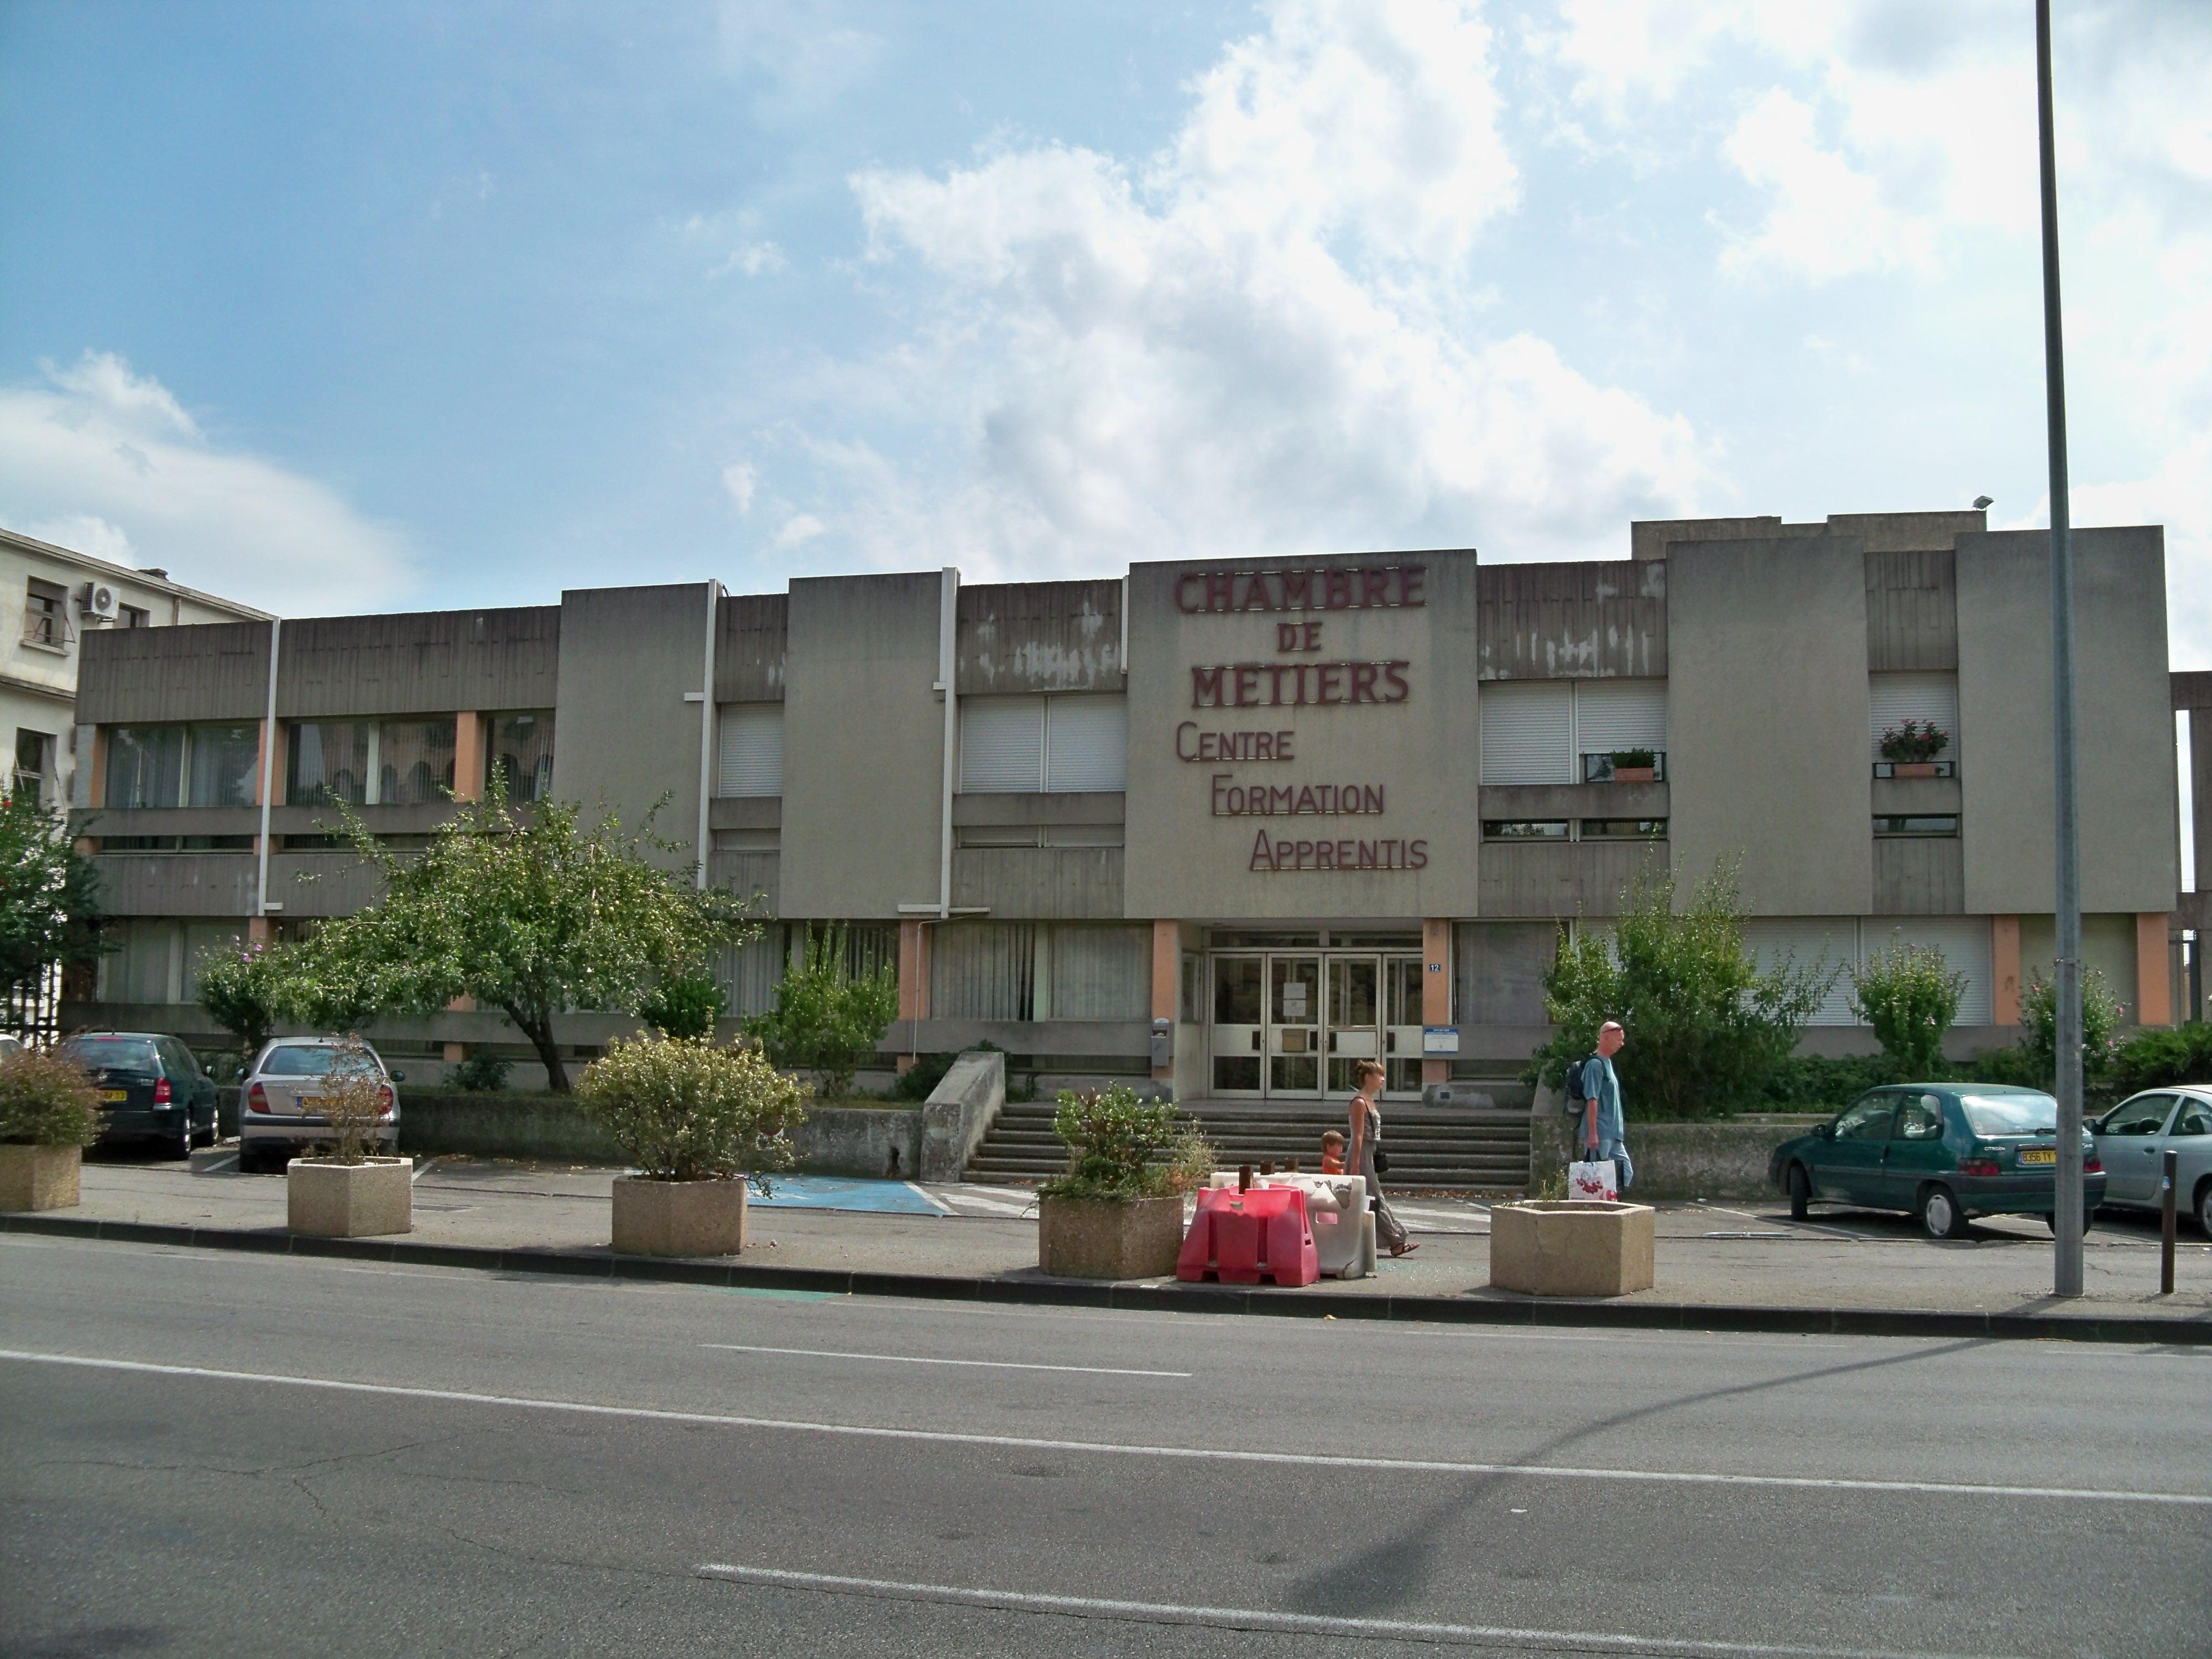 File:avignon - Formation Chambre Métiers - Wikimedia destiné Chambre Des Metiers Blois